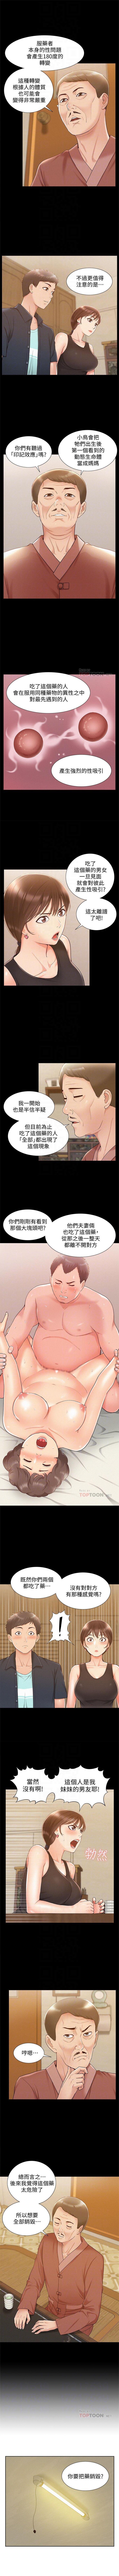 (周4)难言之隐 1-19 中文翻译(更新中) 94